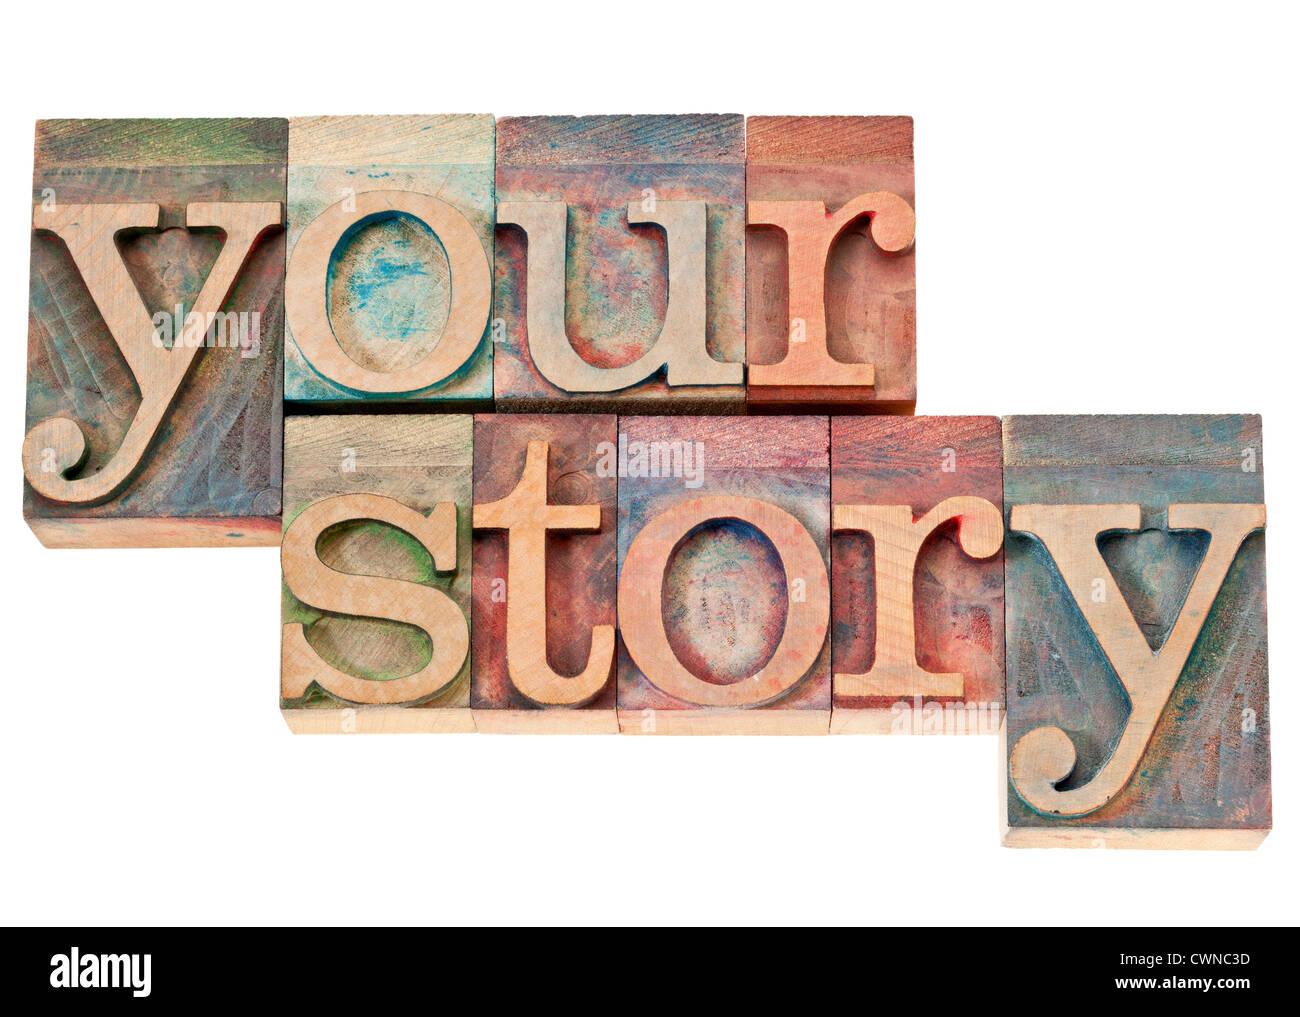 Votre histoire - mots isolés dans la typographie vintage type bois souillé par les encres couleur Banque D'Images